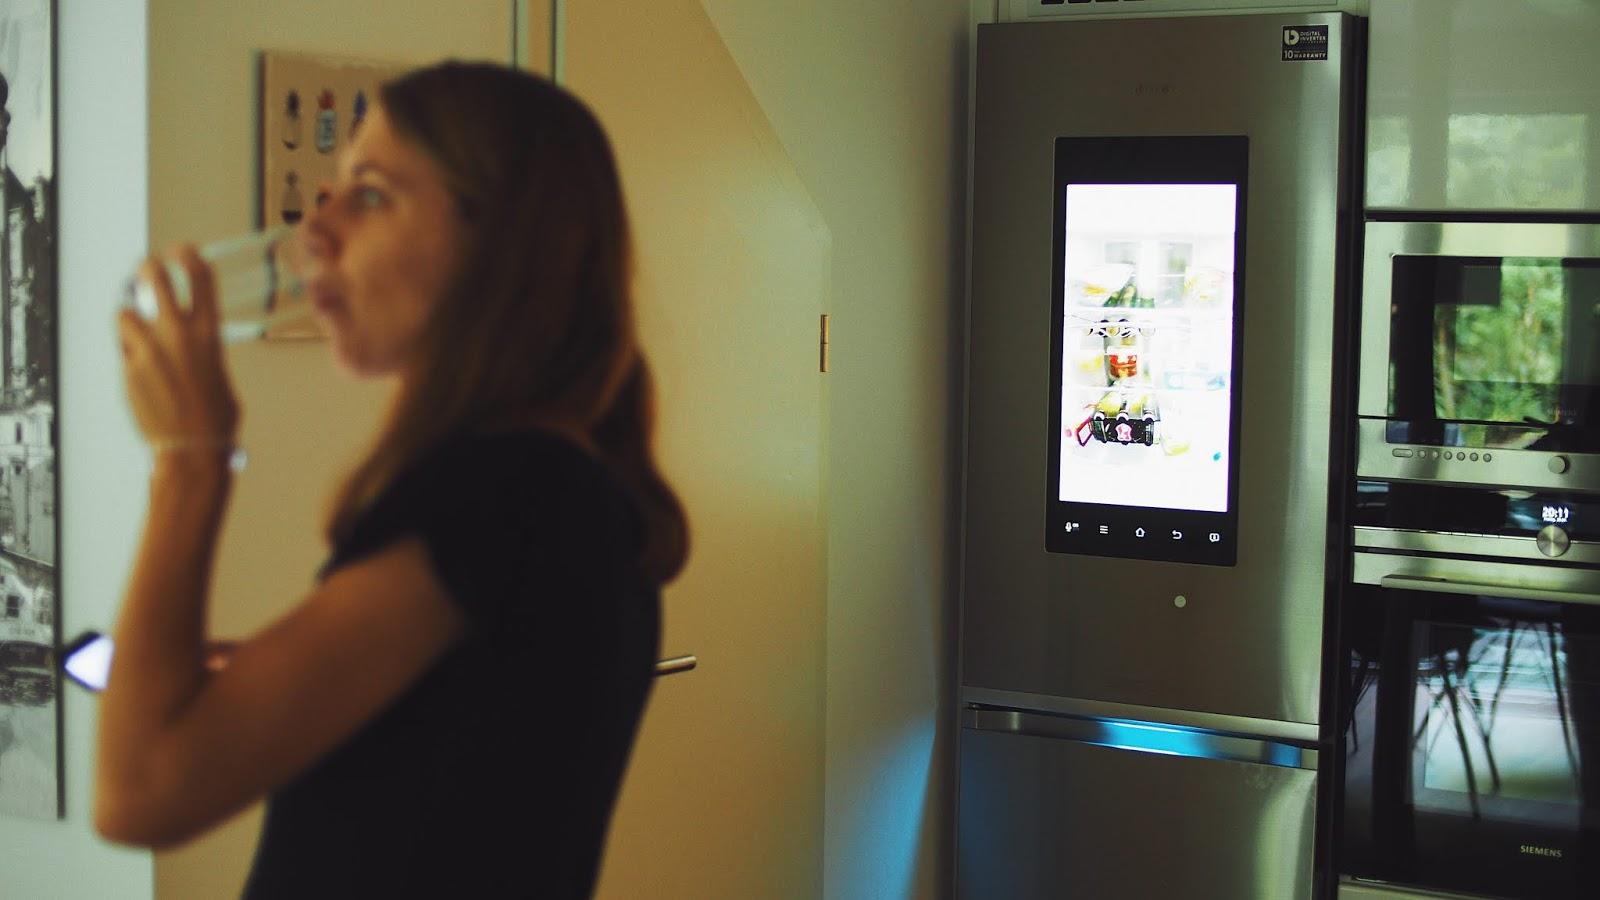 Wie man sich 1989 ein Smart Home vorstellte | Retro Future Video